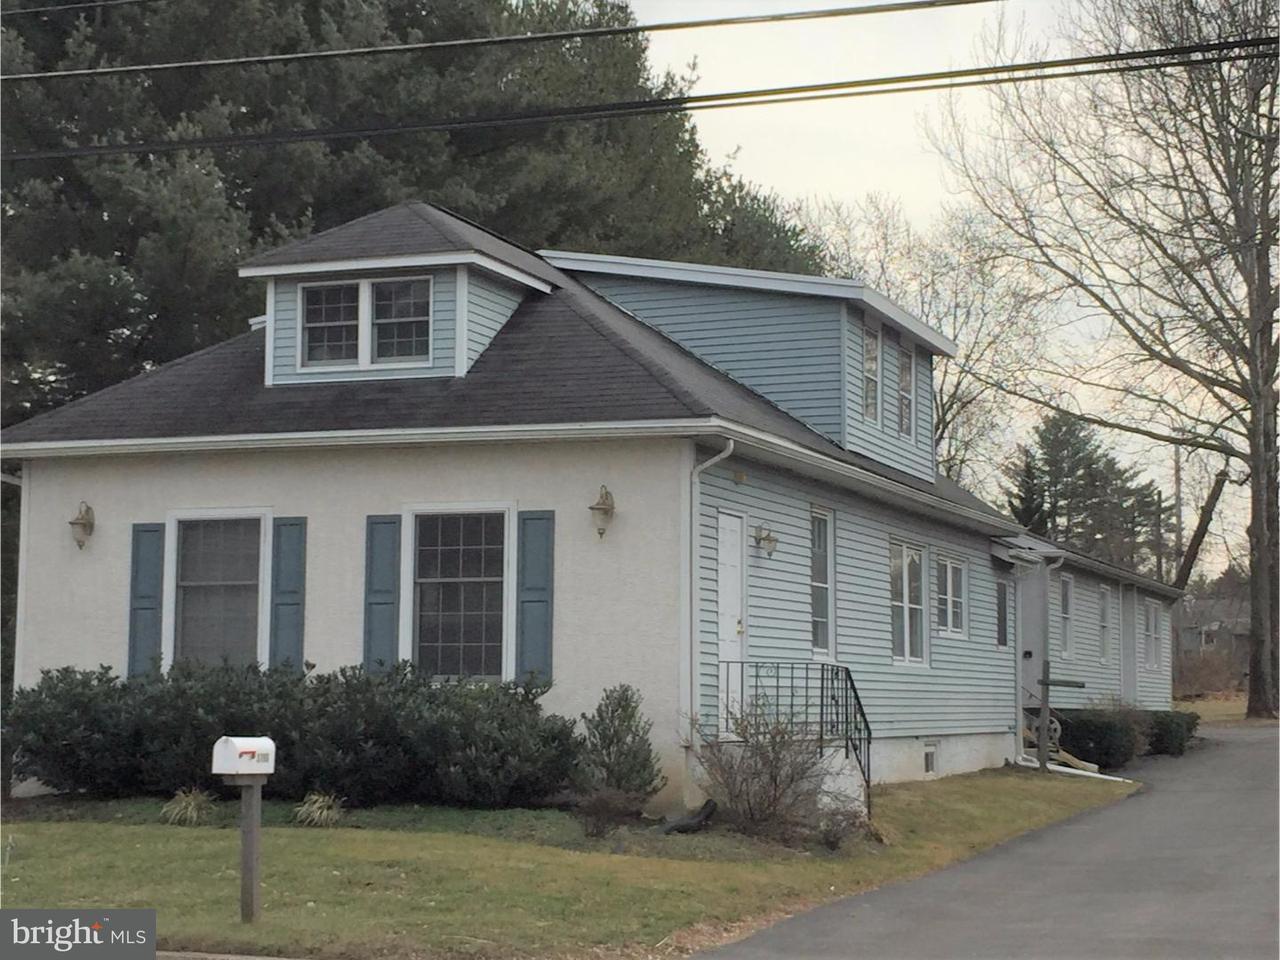 独户住宅 为 销售 在 2790 EGYPT Road Audubon, 宾夕法尼亚州 19403 美国